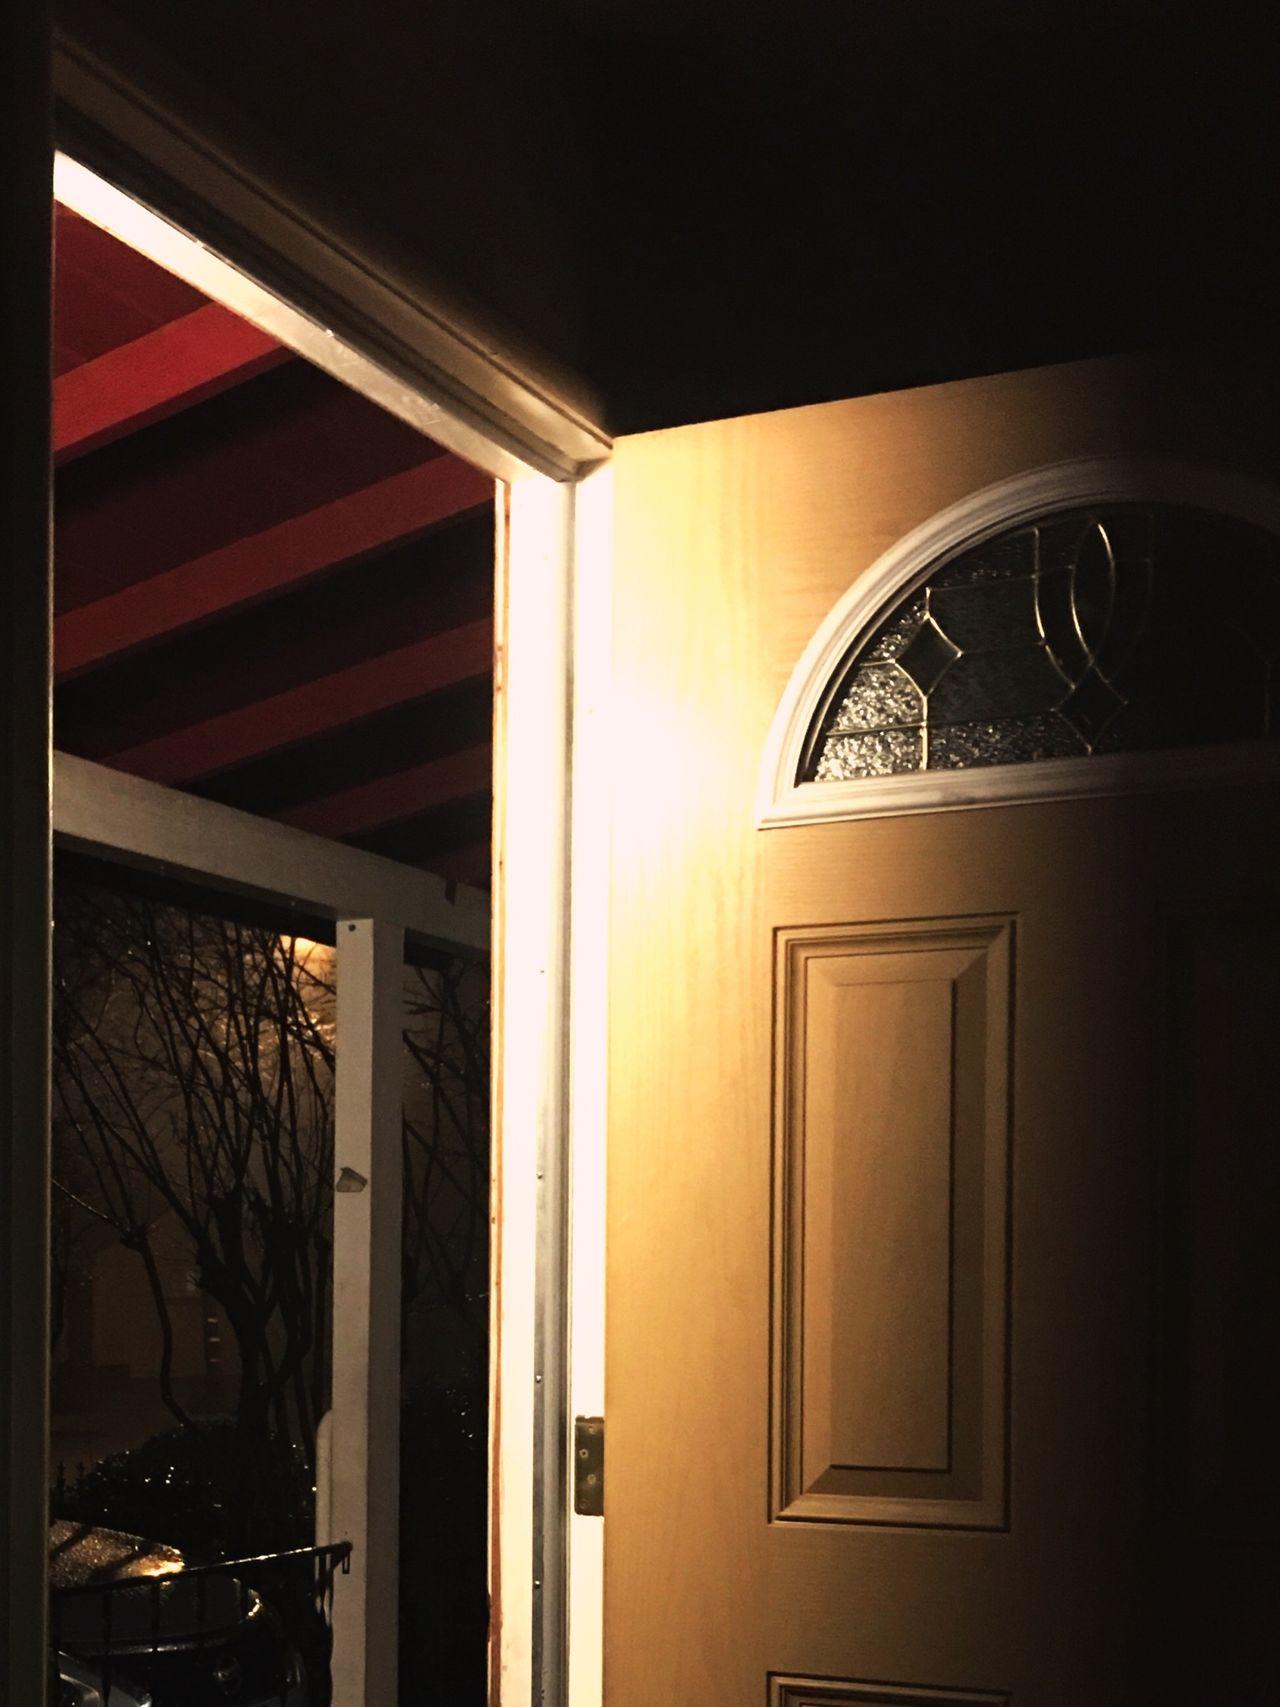 Doorway Doorwaysoftheworld Doors And Windows Around The World Doorway Lights Doorways Learn & Shoot: After Dark